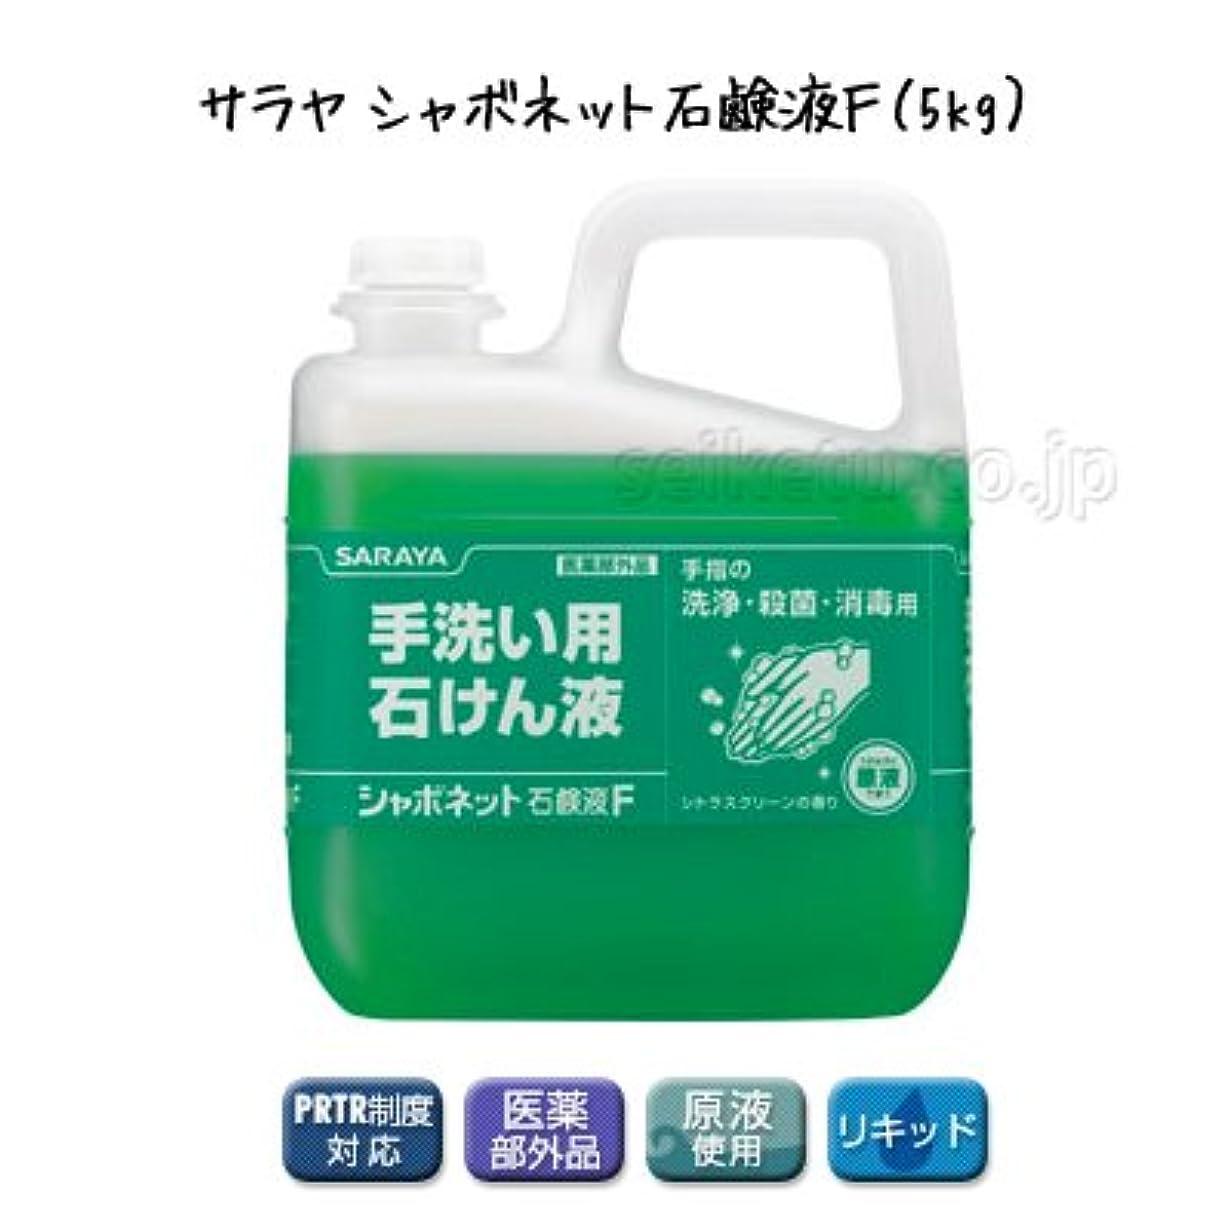 縁石パステルグローバル【清潔キレイ館】サラヤ シャボネット石鹸液F(5kg)